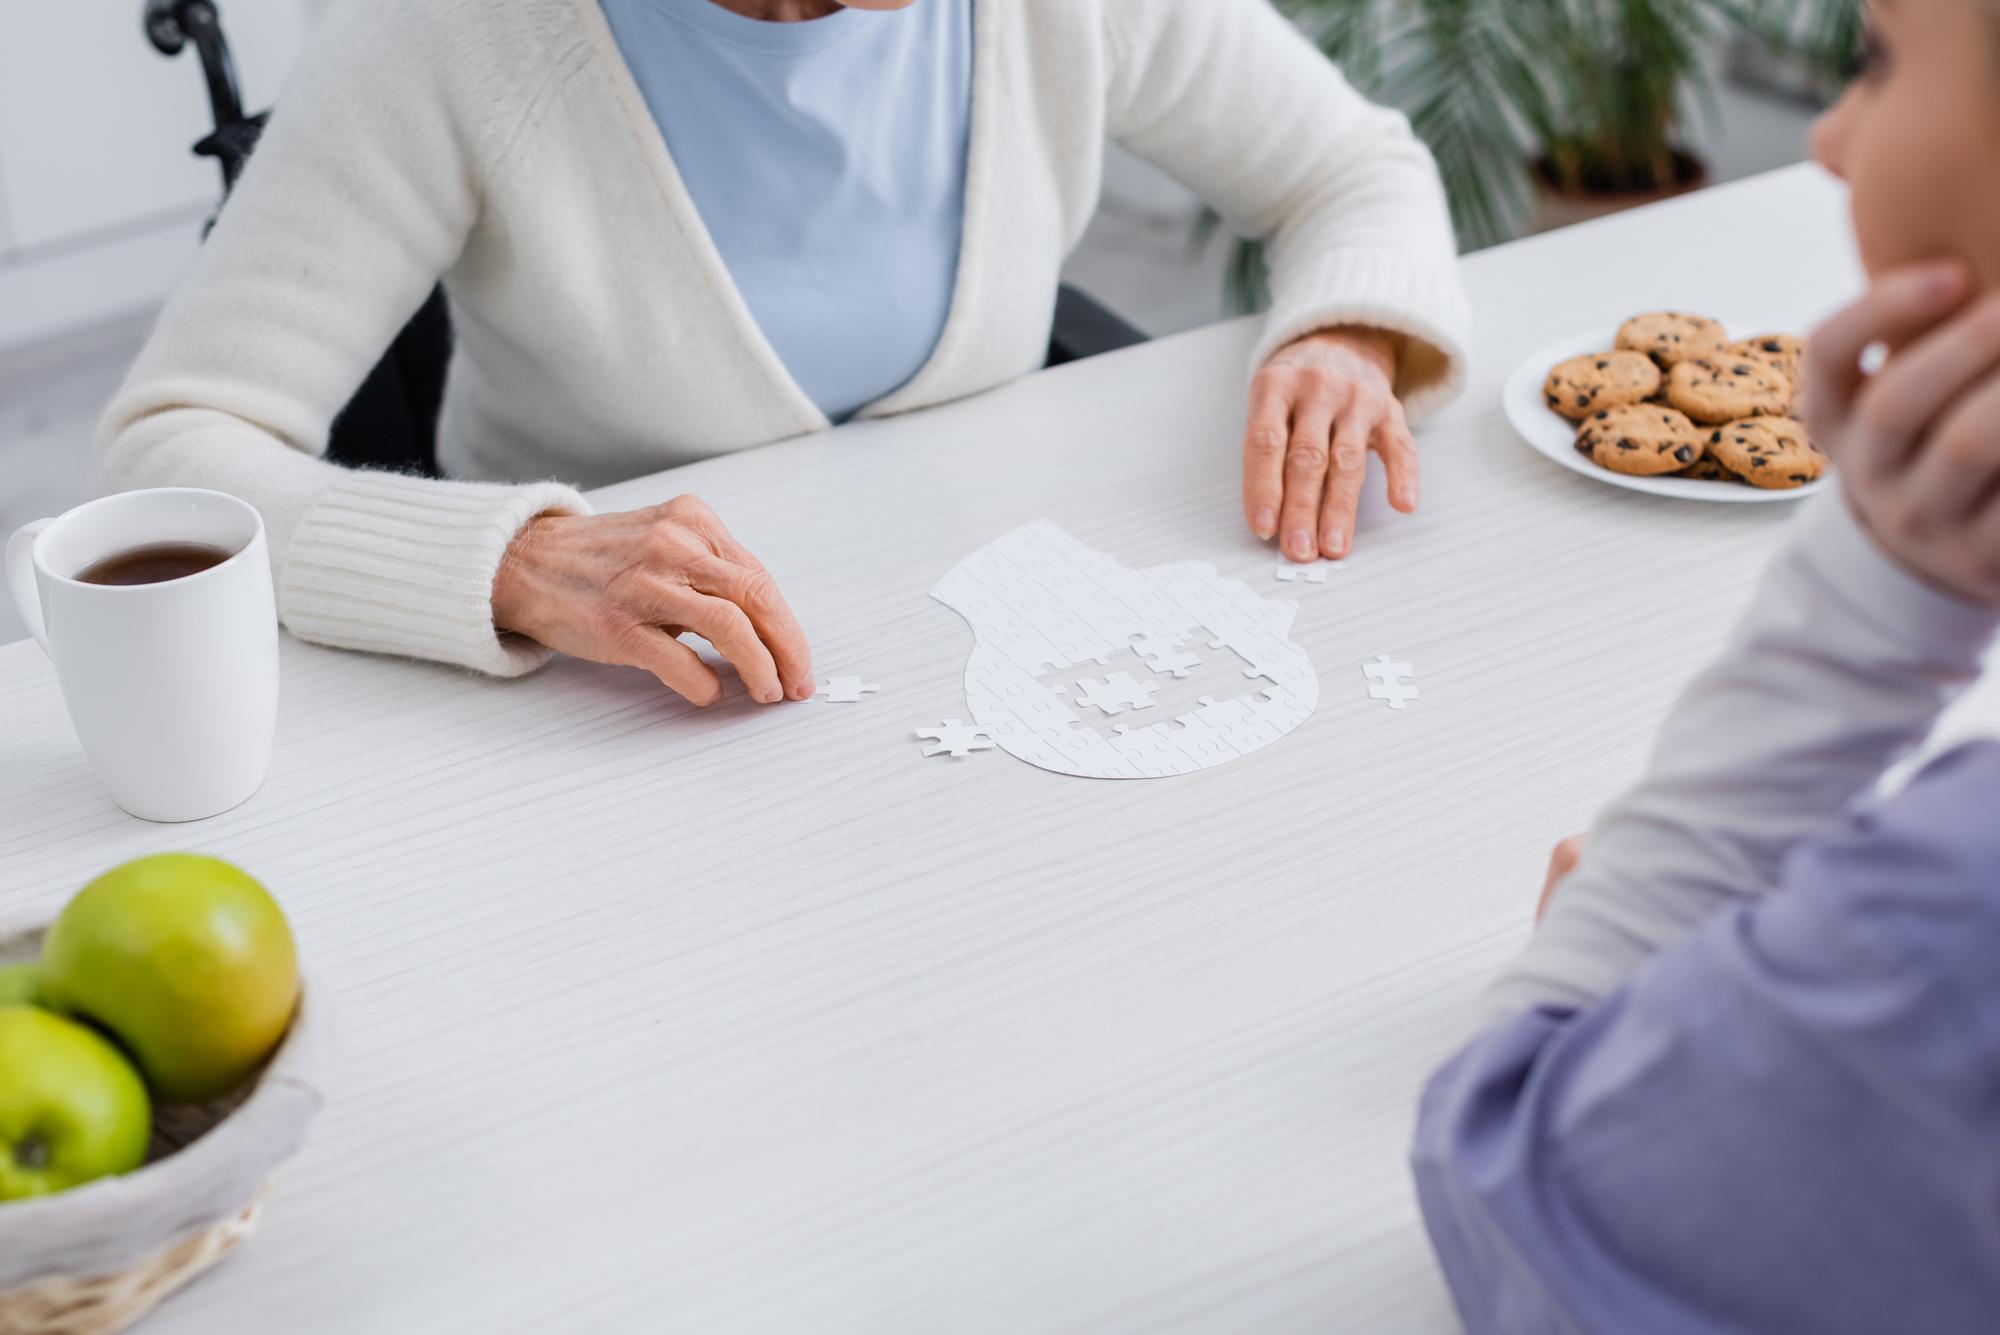 FDA godkänner nytt Alzheimers läkemedel